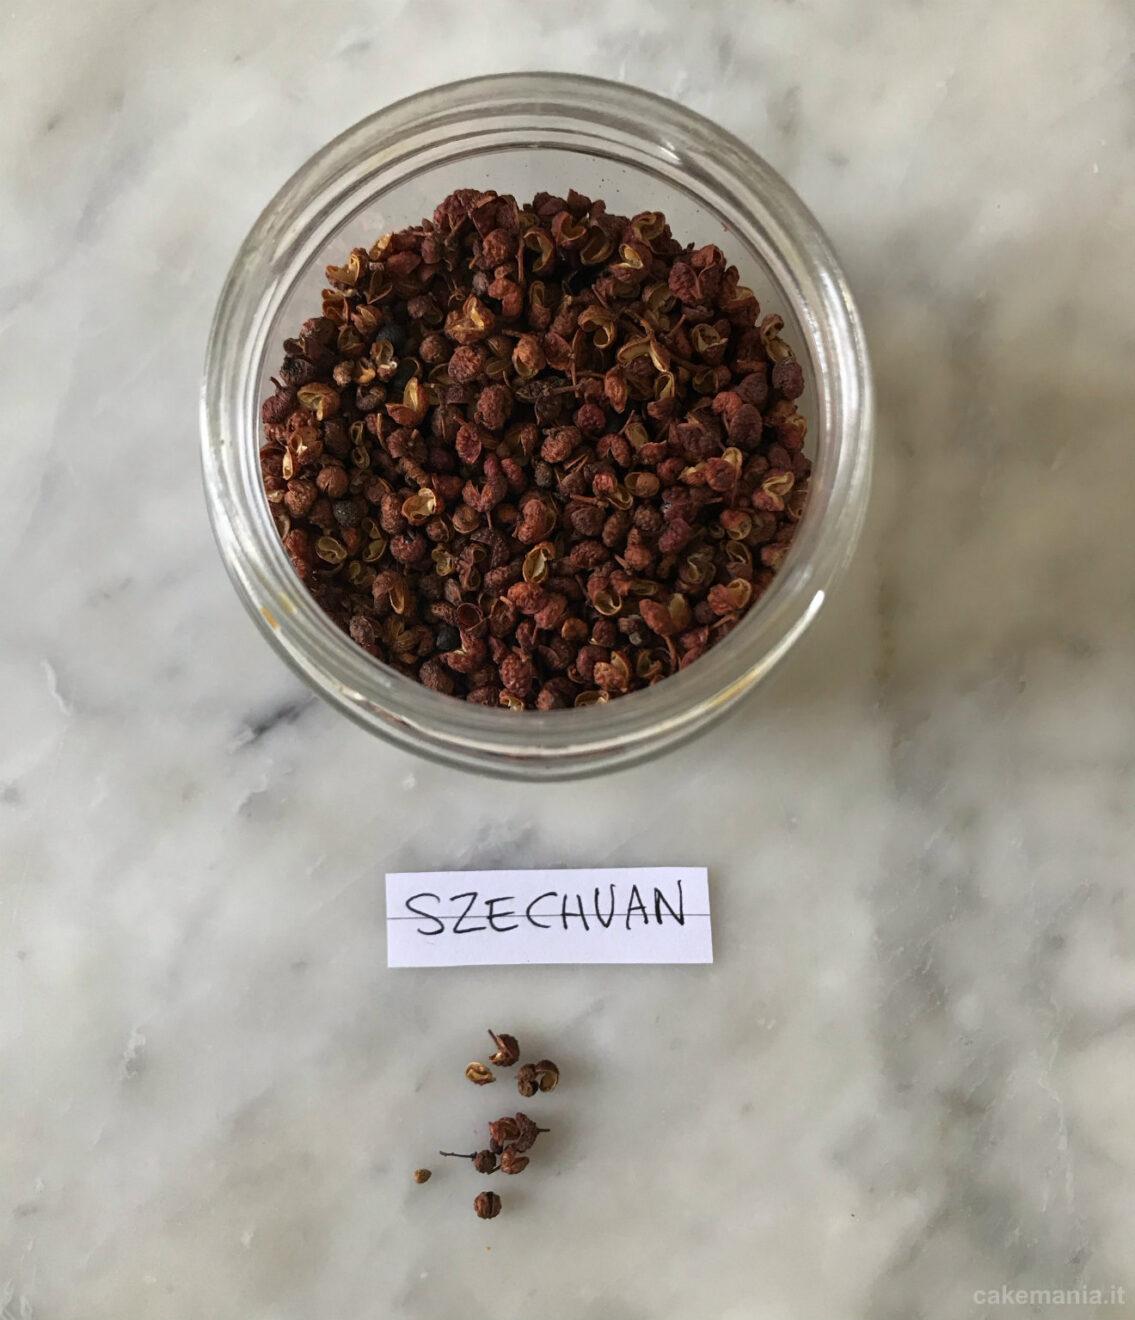 pepe di szechuan in barattolo di vetro